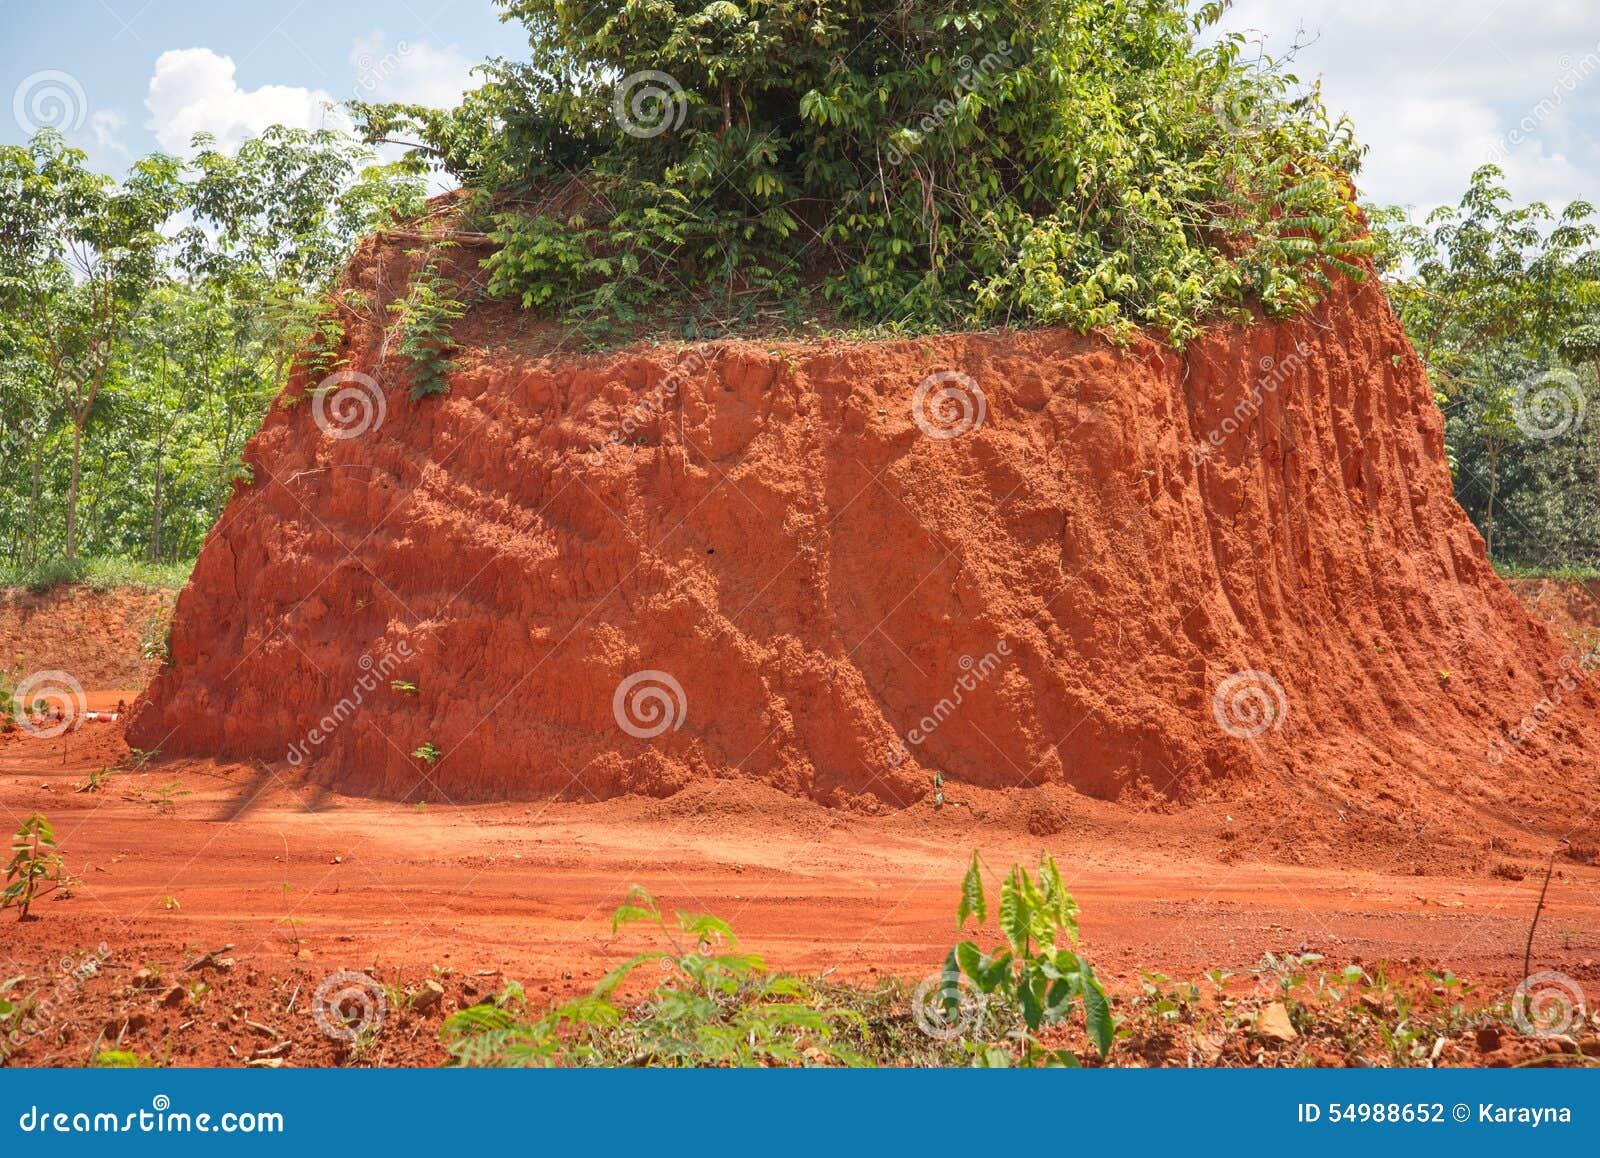 Röd jord för byggande väg eller tegelsten